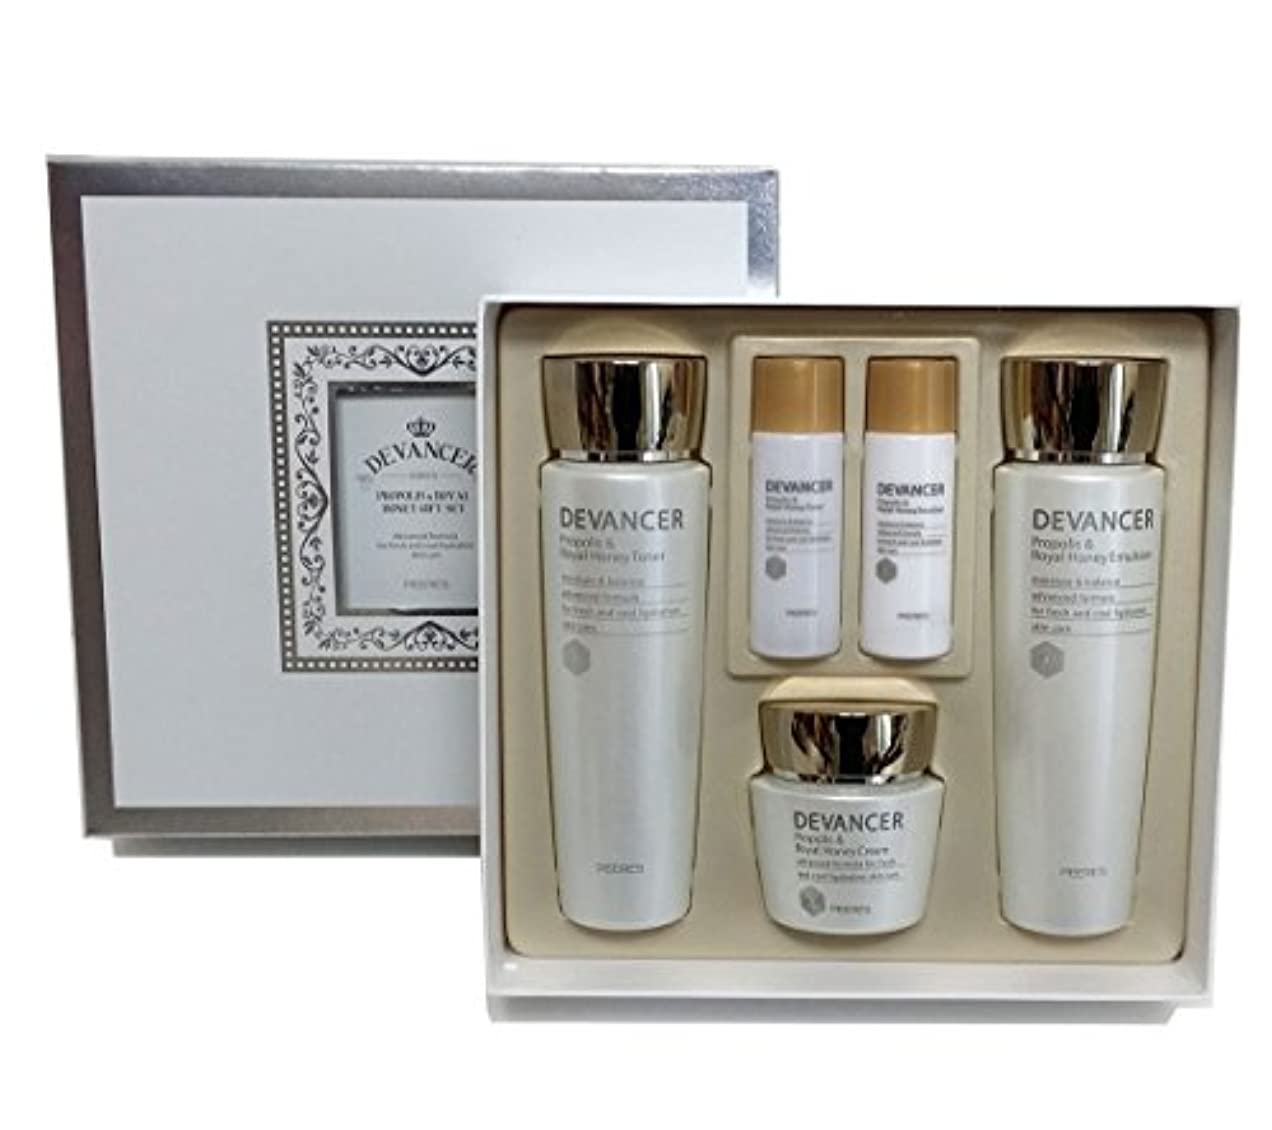 知性液体買う[DEVANCER] プロポリス&ロイヤルハニーギフトスキンケアセット/Propolis & Royal Honey gift Skincare set/水分、ホワイトニング/moisture,whitening/韓国の...